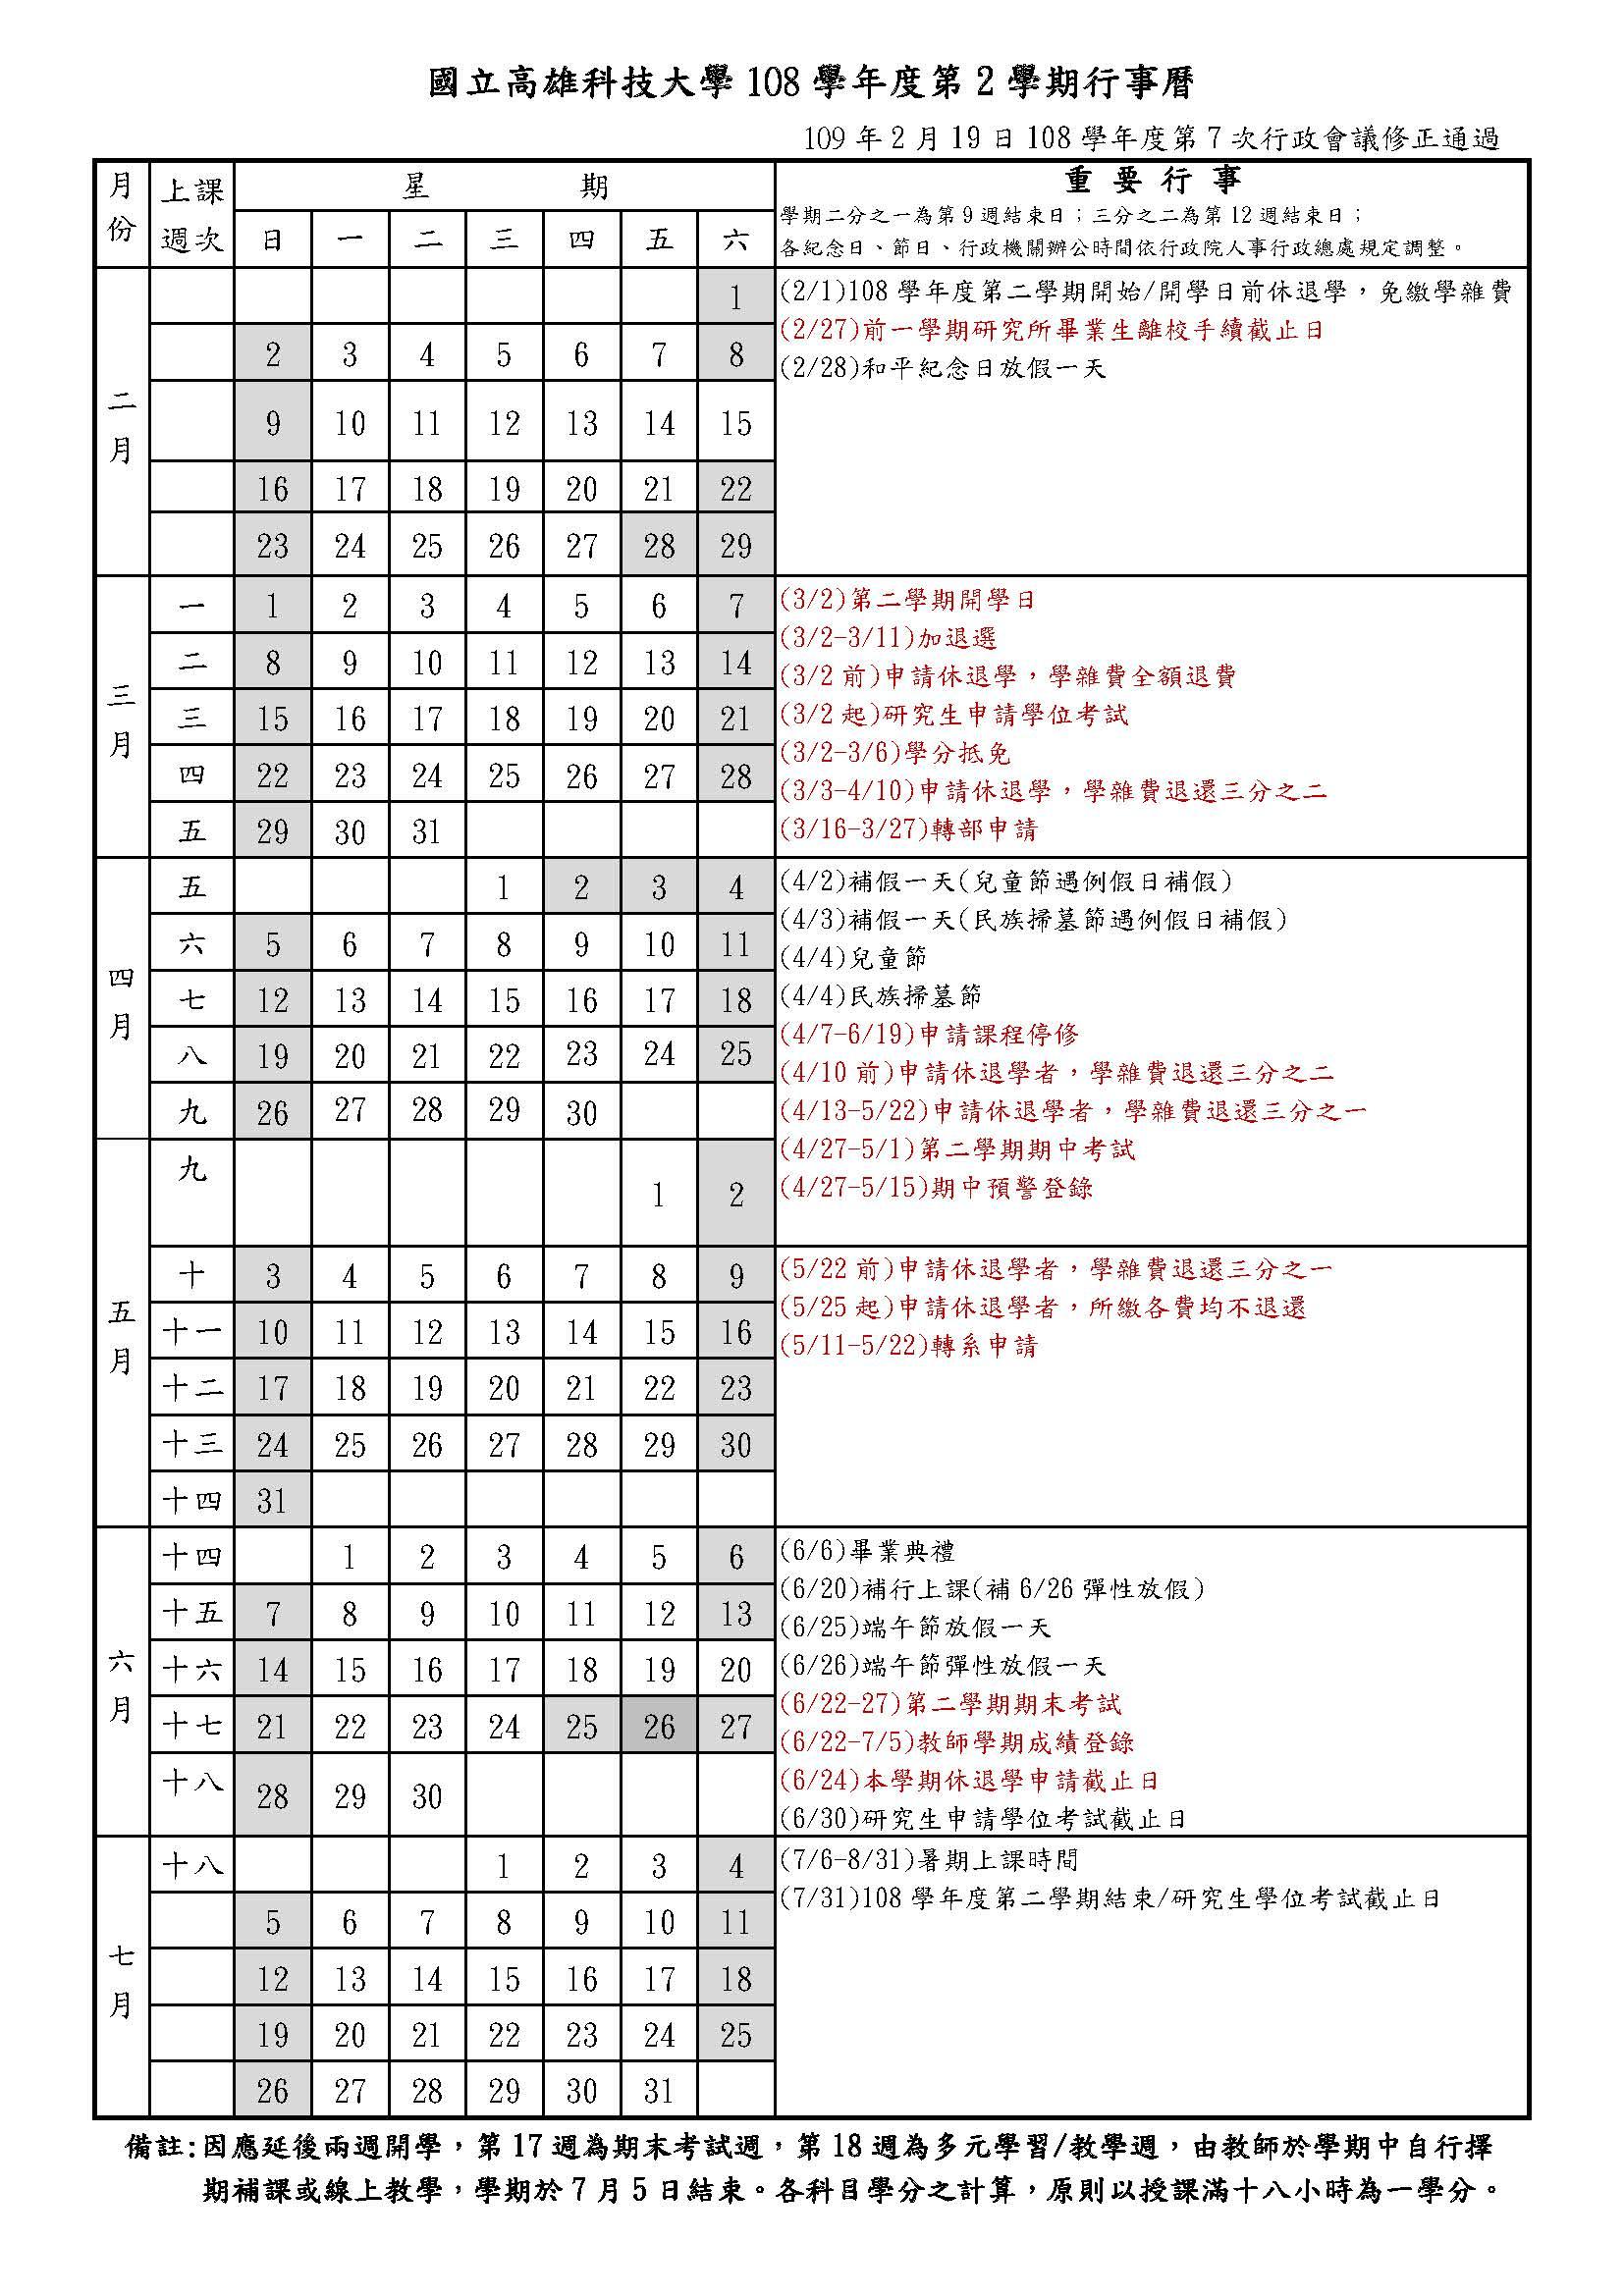 國立高雄科技大學 108 學年度第 2 學期行事曆